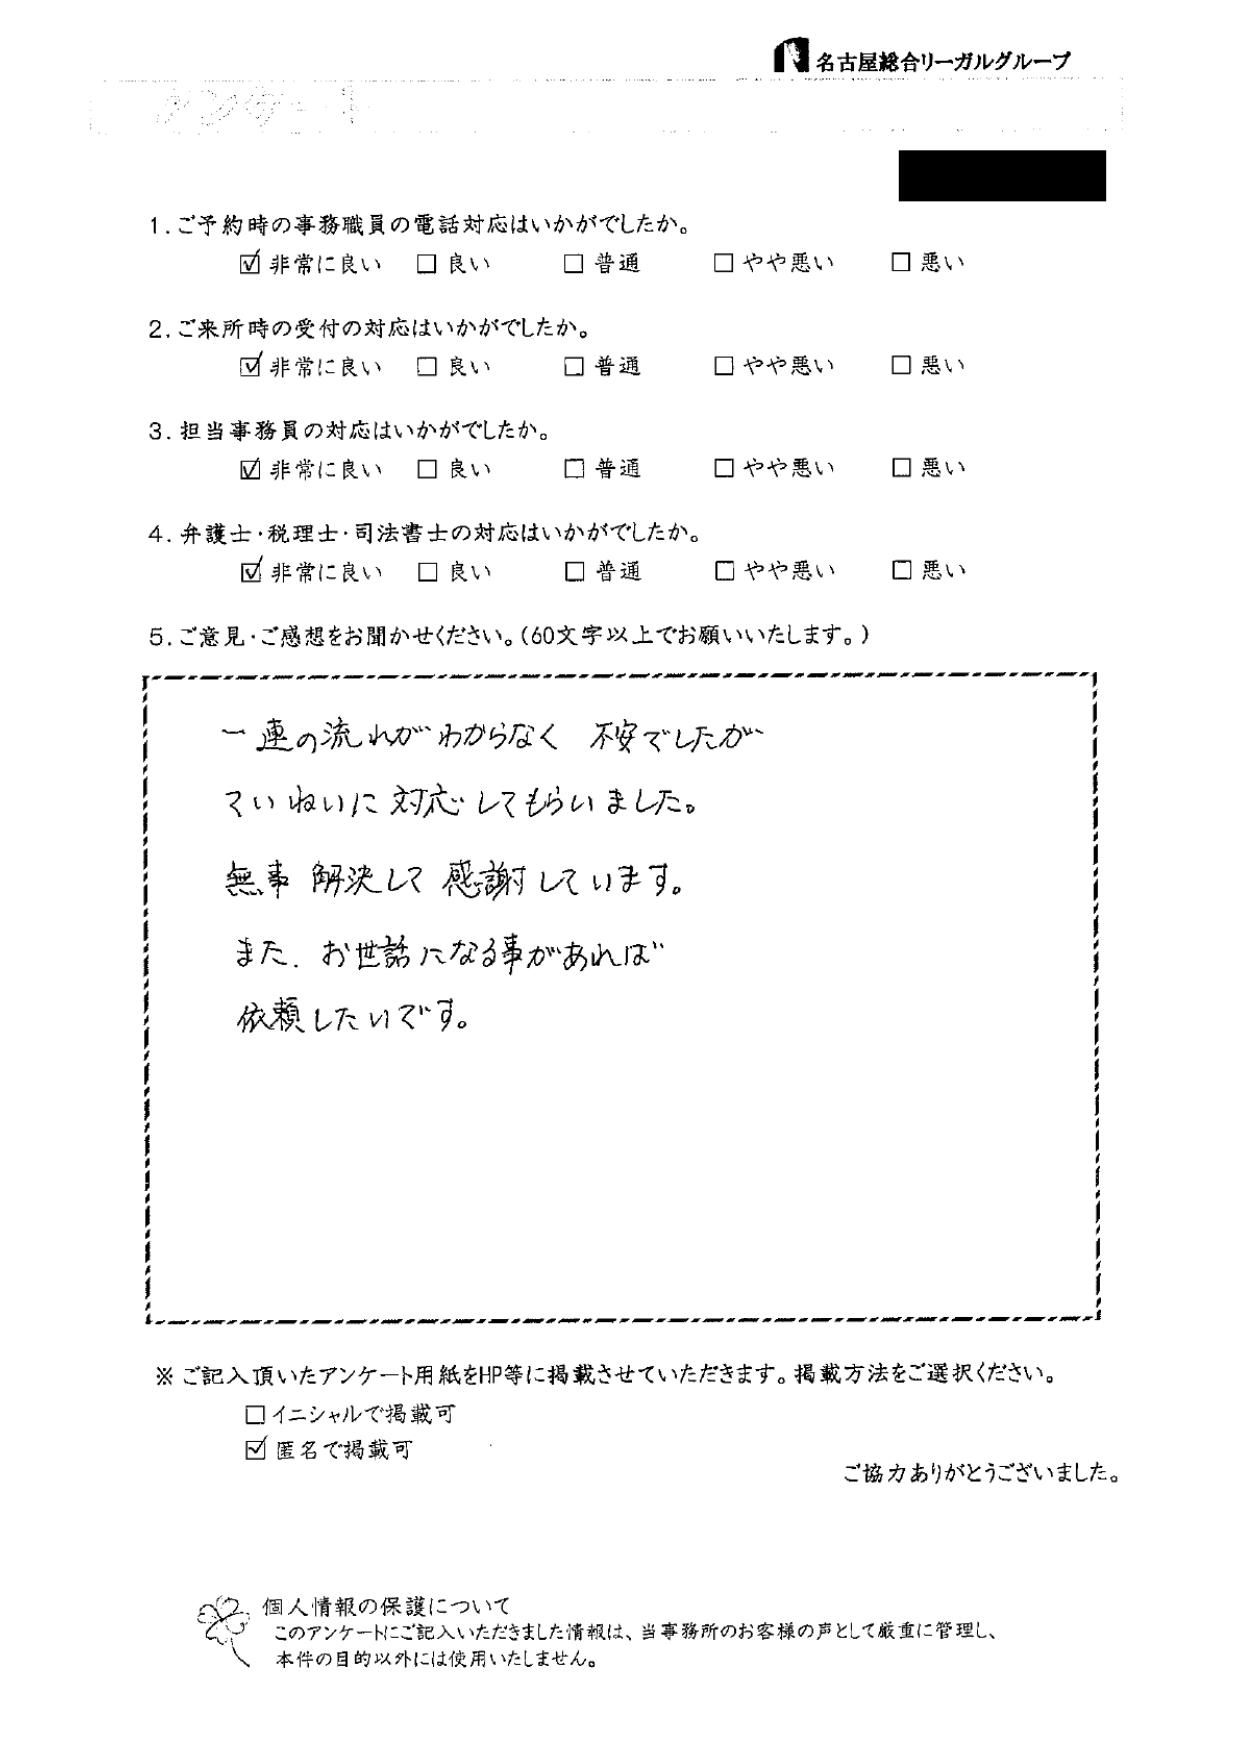 No.16 匿名希望 様